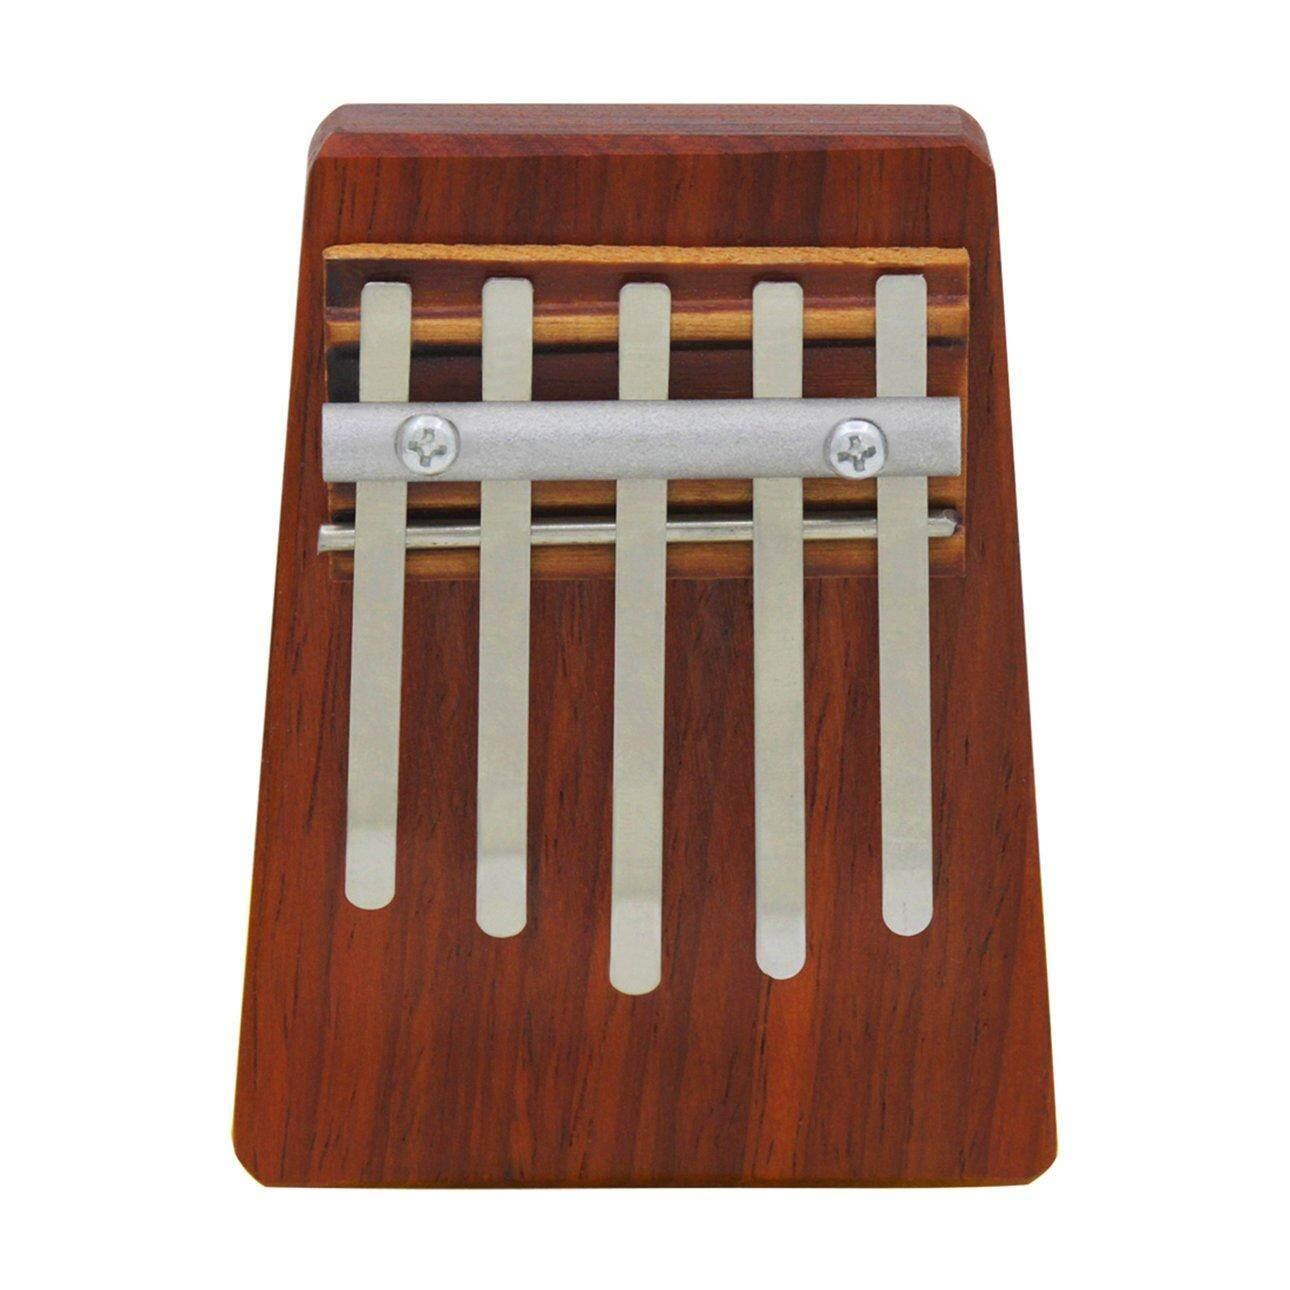 Bán Chạy nhất Ngũ Gỗ Gụ Ngón Tay Cái Đàn Piano Acacia Muka Bahrain 5 màu Ngón Tay Đàn Piano